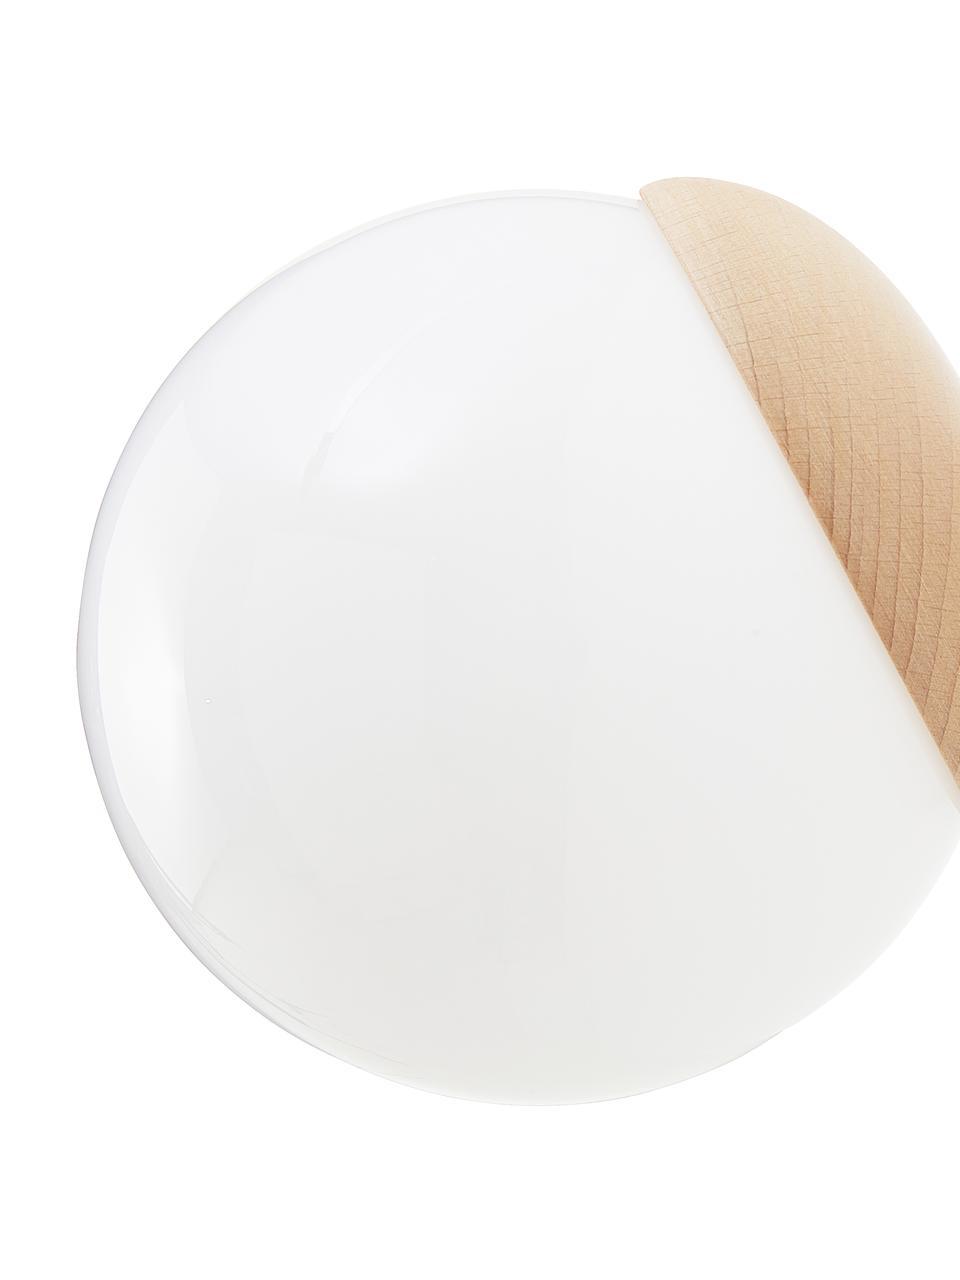 Applique in vetro opale Sfera, Paralume: vetro opale, Decorazione: legno, Bianco opalino, marrone, Larg. 15 x Alt. 15 cm